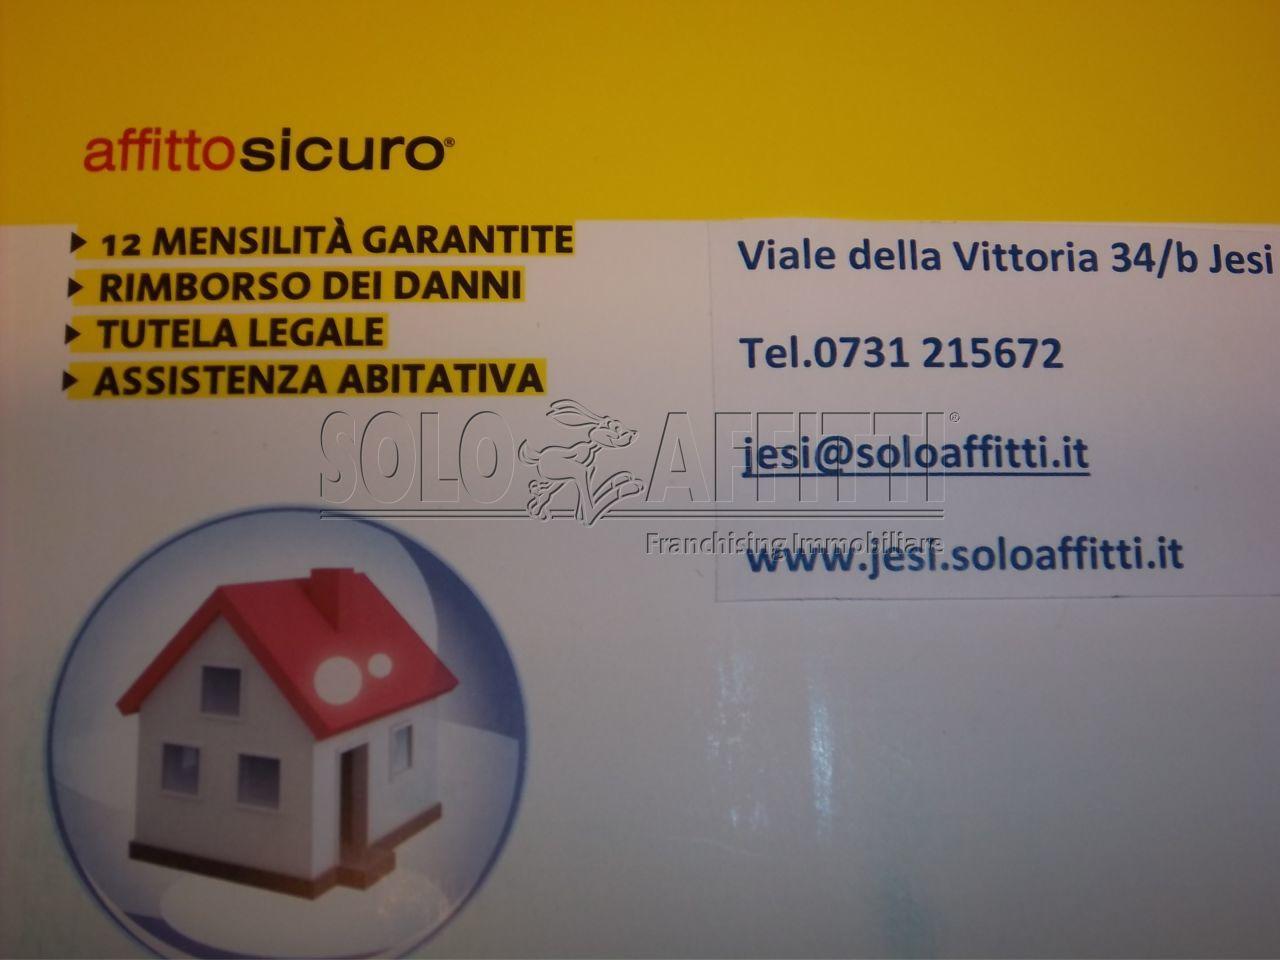 Bilocale Jesi Viale Della Vittoria 34/b 1